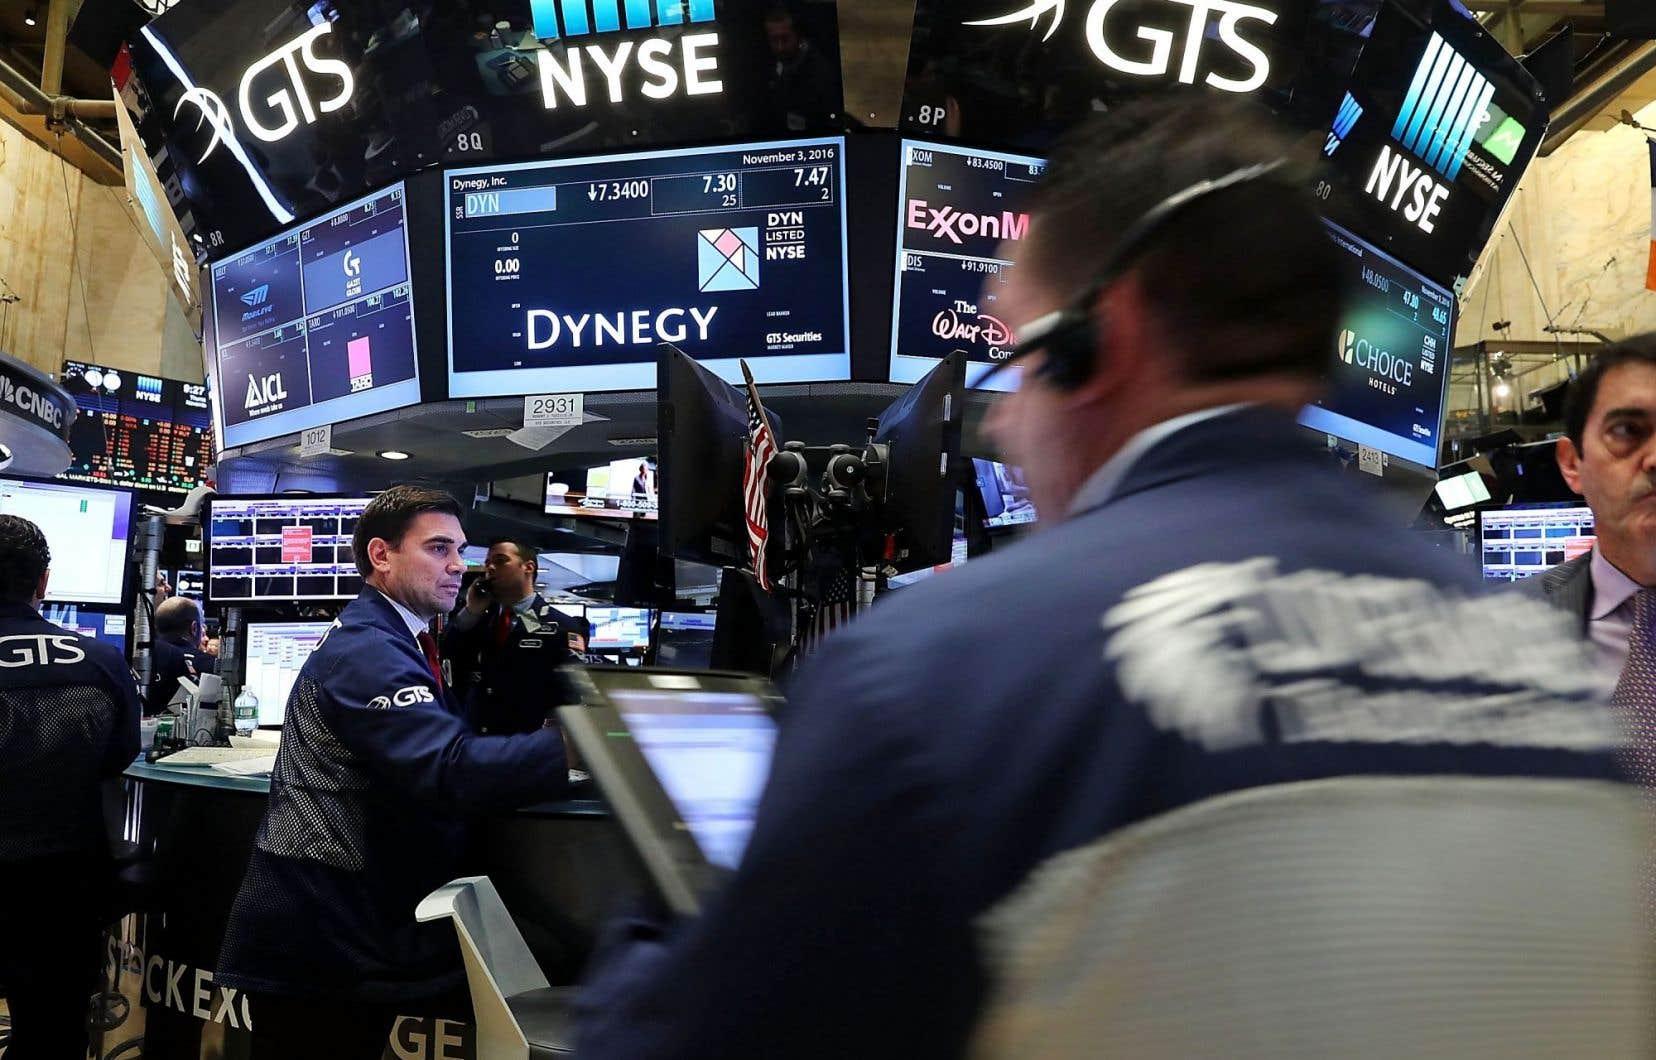 Sur le parquet de la Bourse de New York, on attend non sans inquiétude le résultat de l'élection présidentielle.